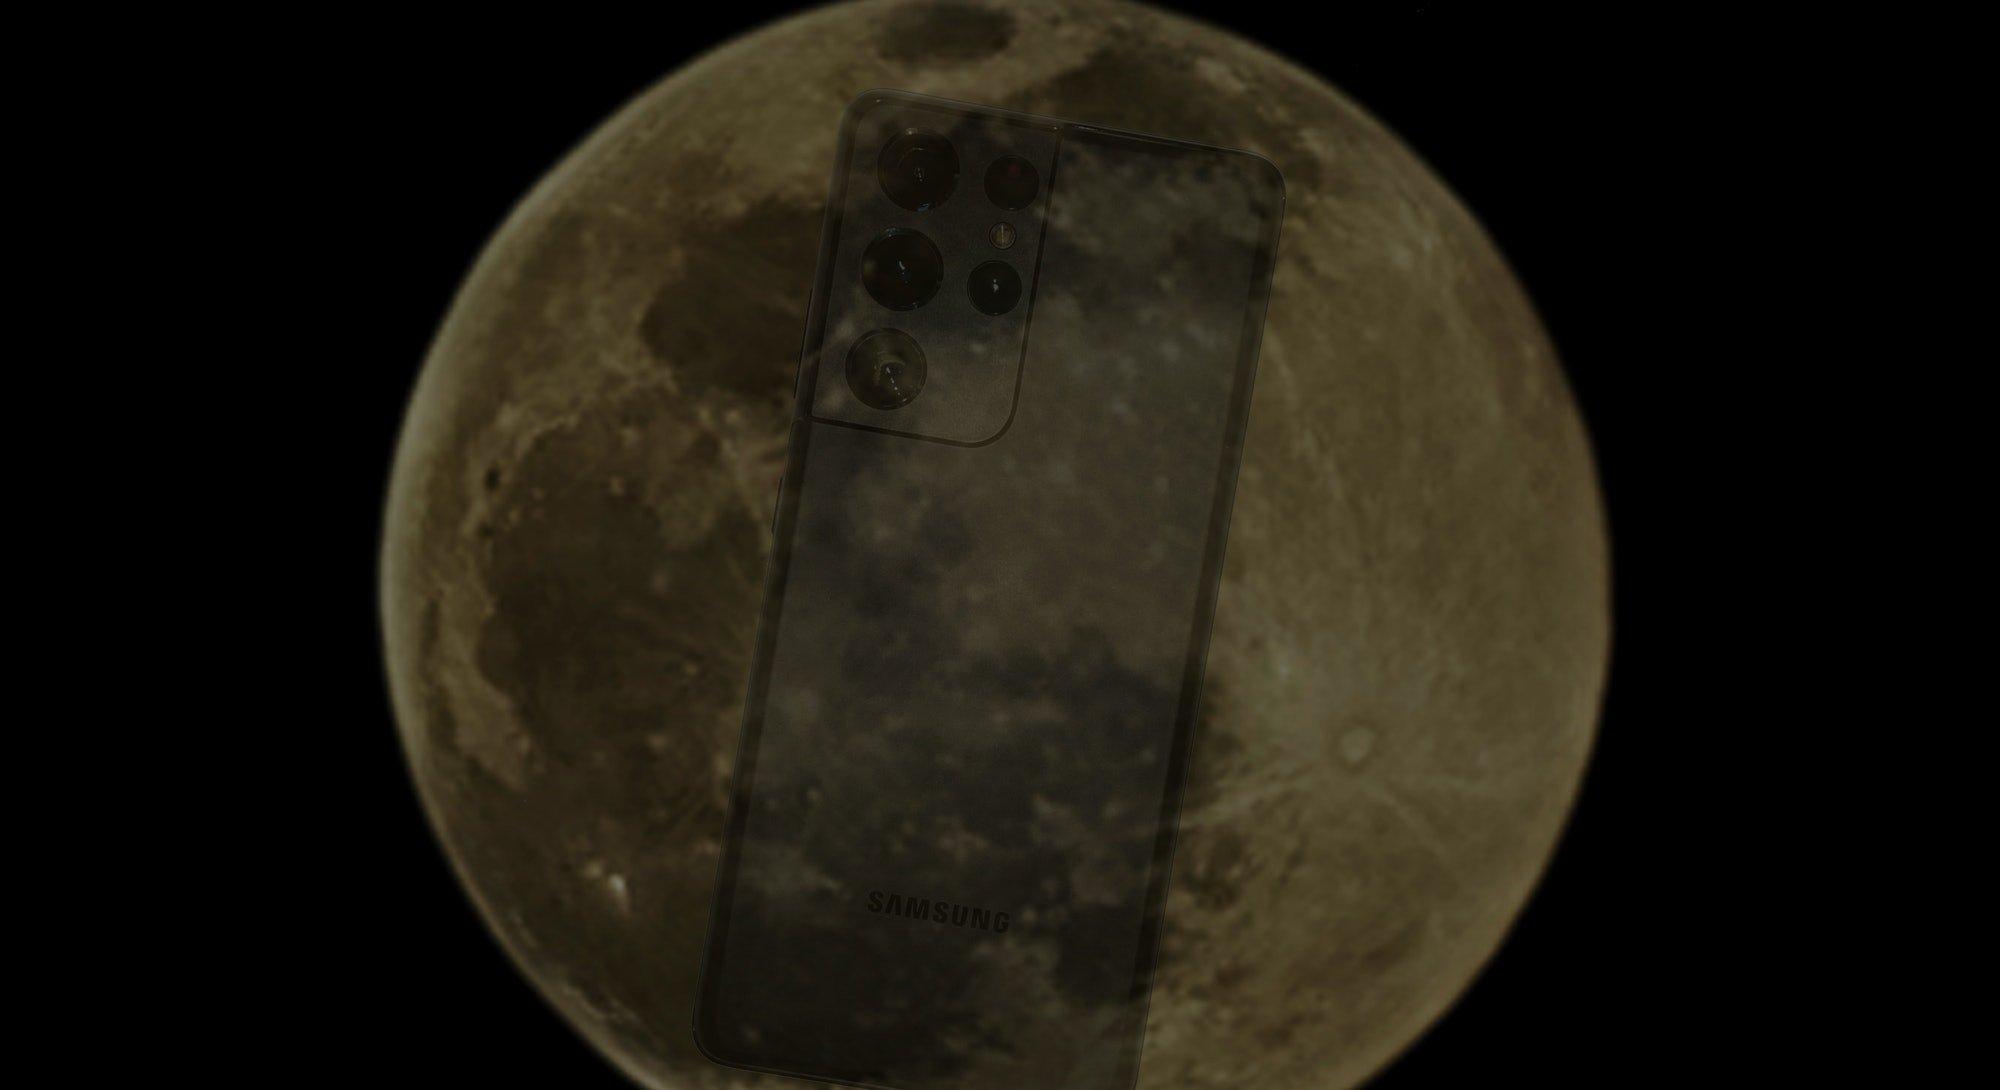 آیا عکسهای گرفته شده از ماه با گلکسی S21 اولترا دستکاری شدهاند؟